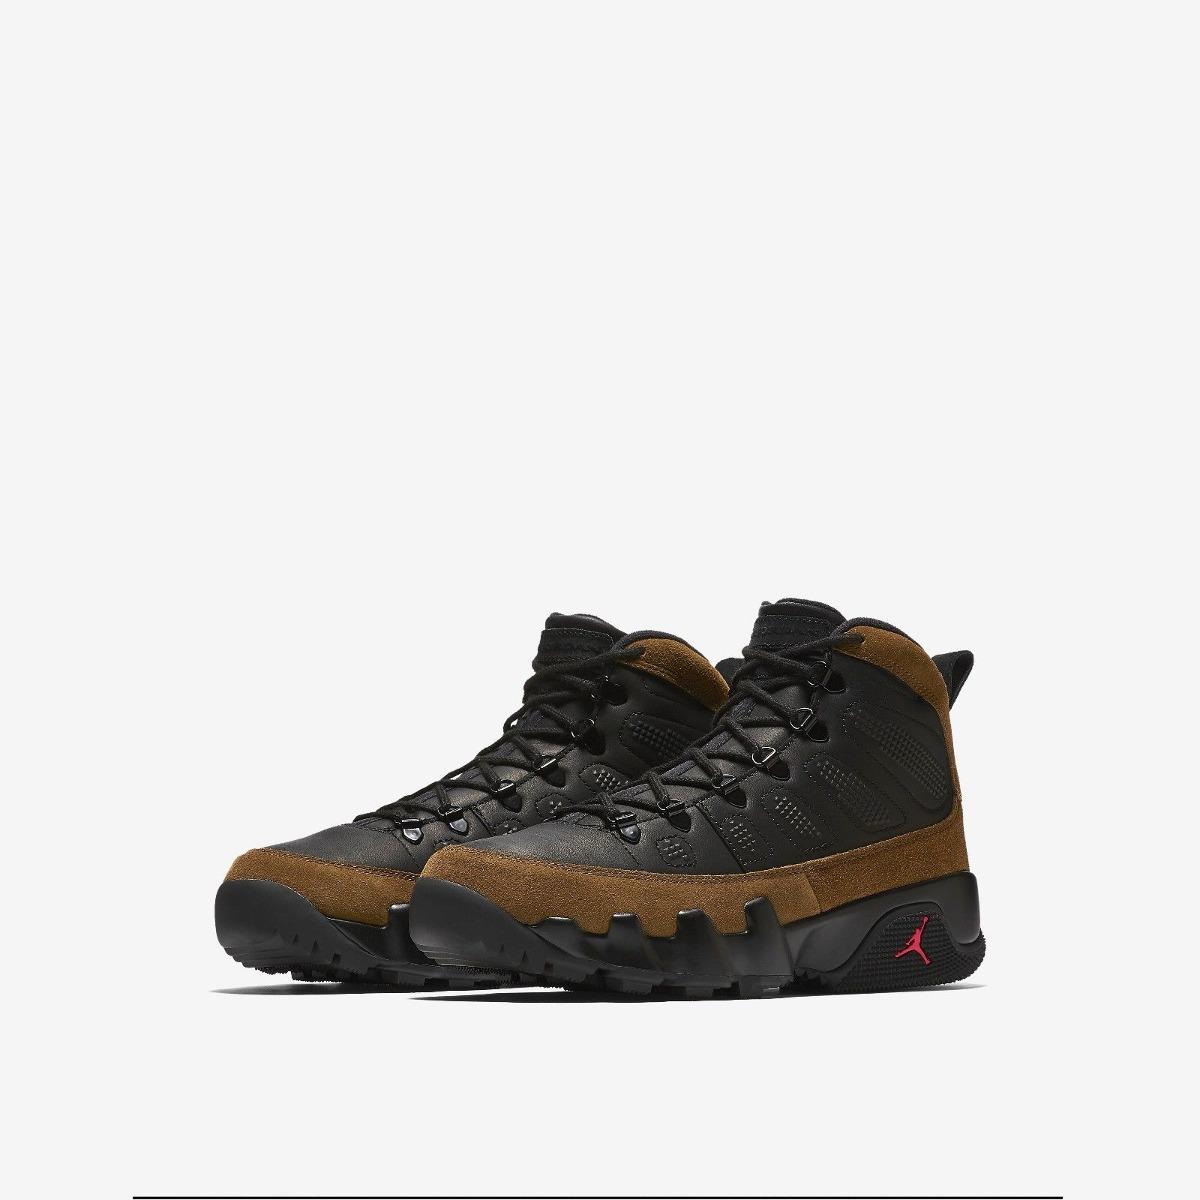 sale retailer d44d6 327e0 Bota Retro Nike Air Jordan 9 Olive Ix Nrg Ar4491 012